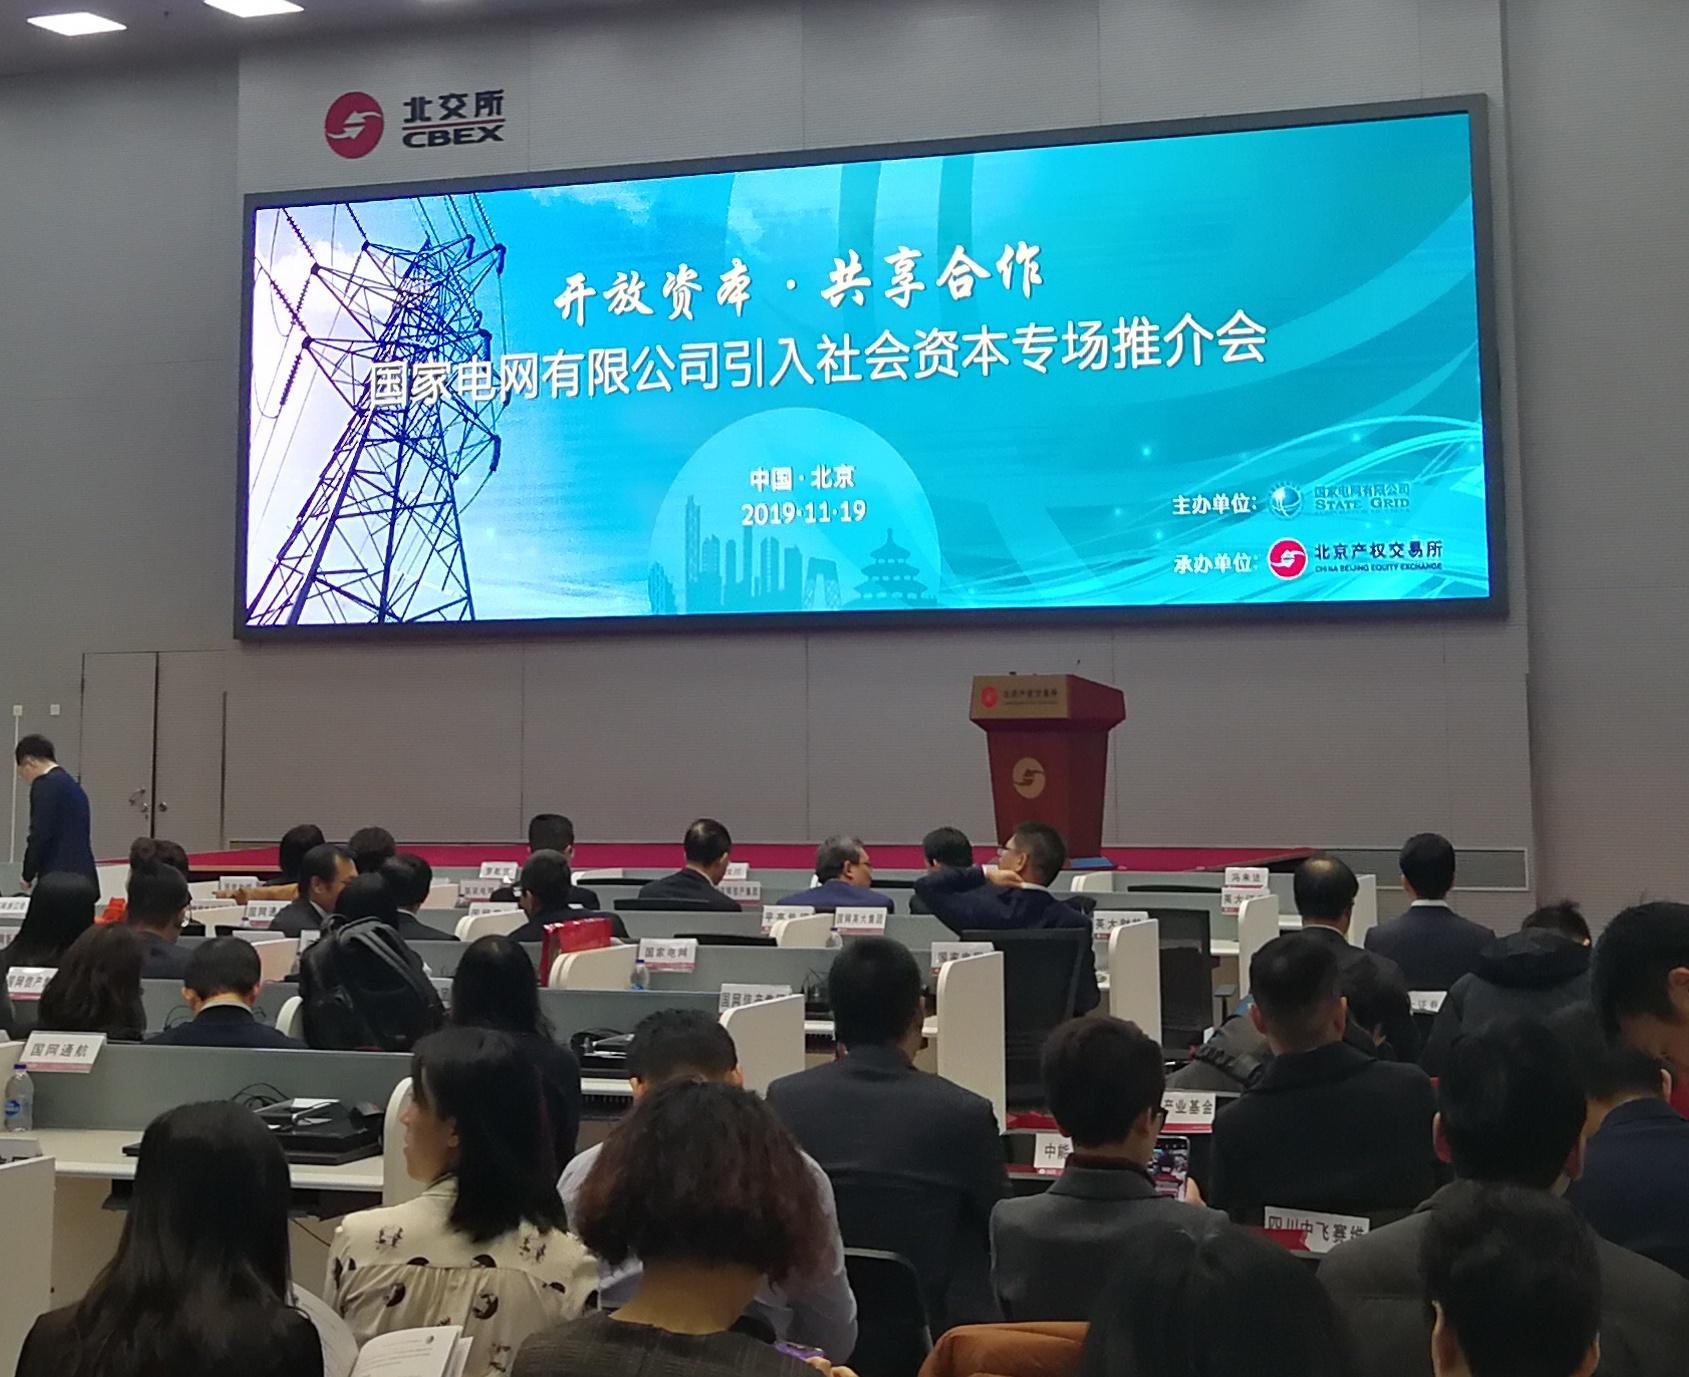 国家电网12个重点混改项目集中亮相,含白鹤滩—浙江±800千伏特高压等